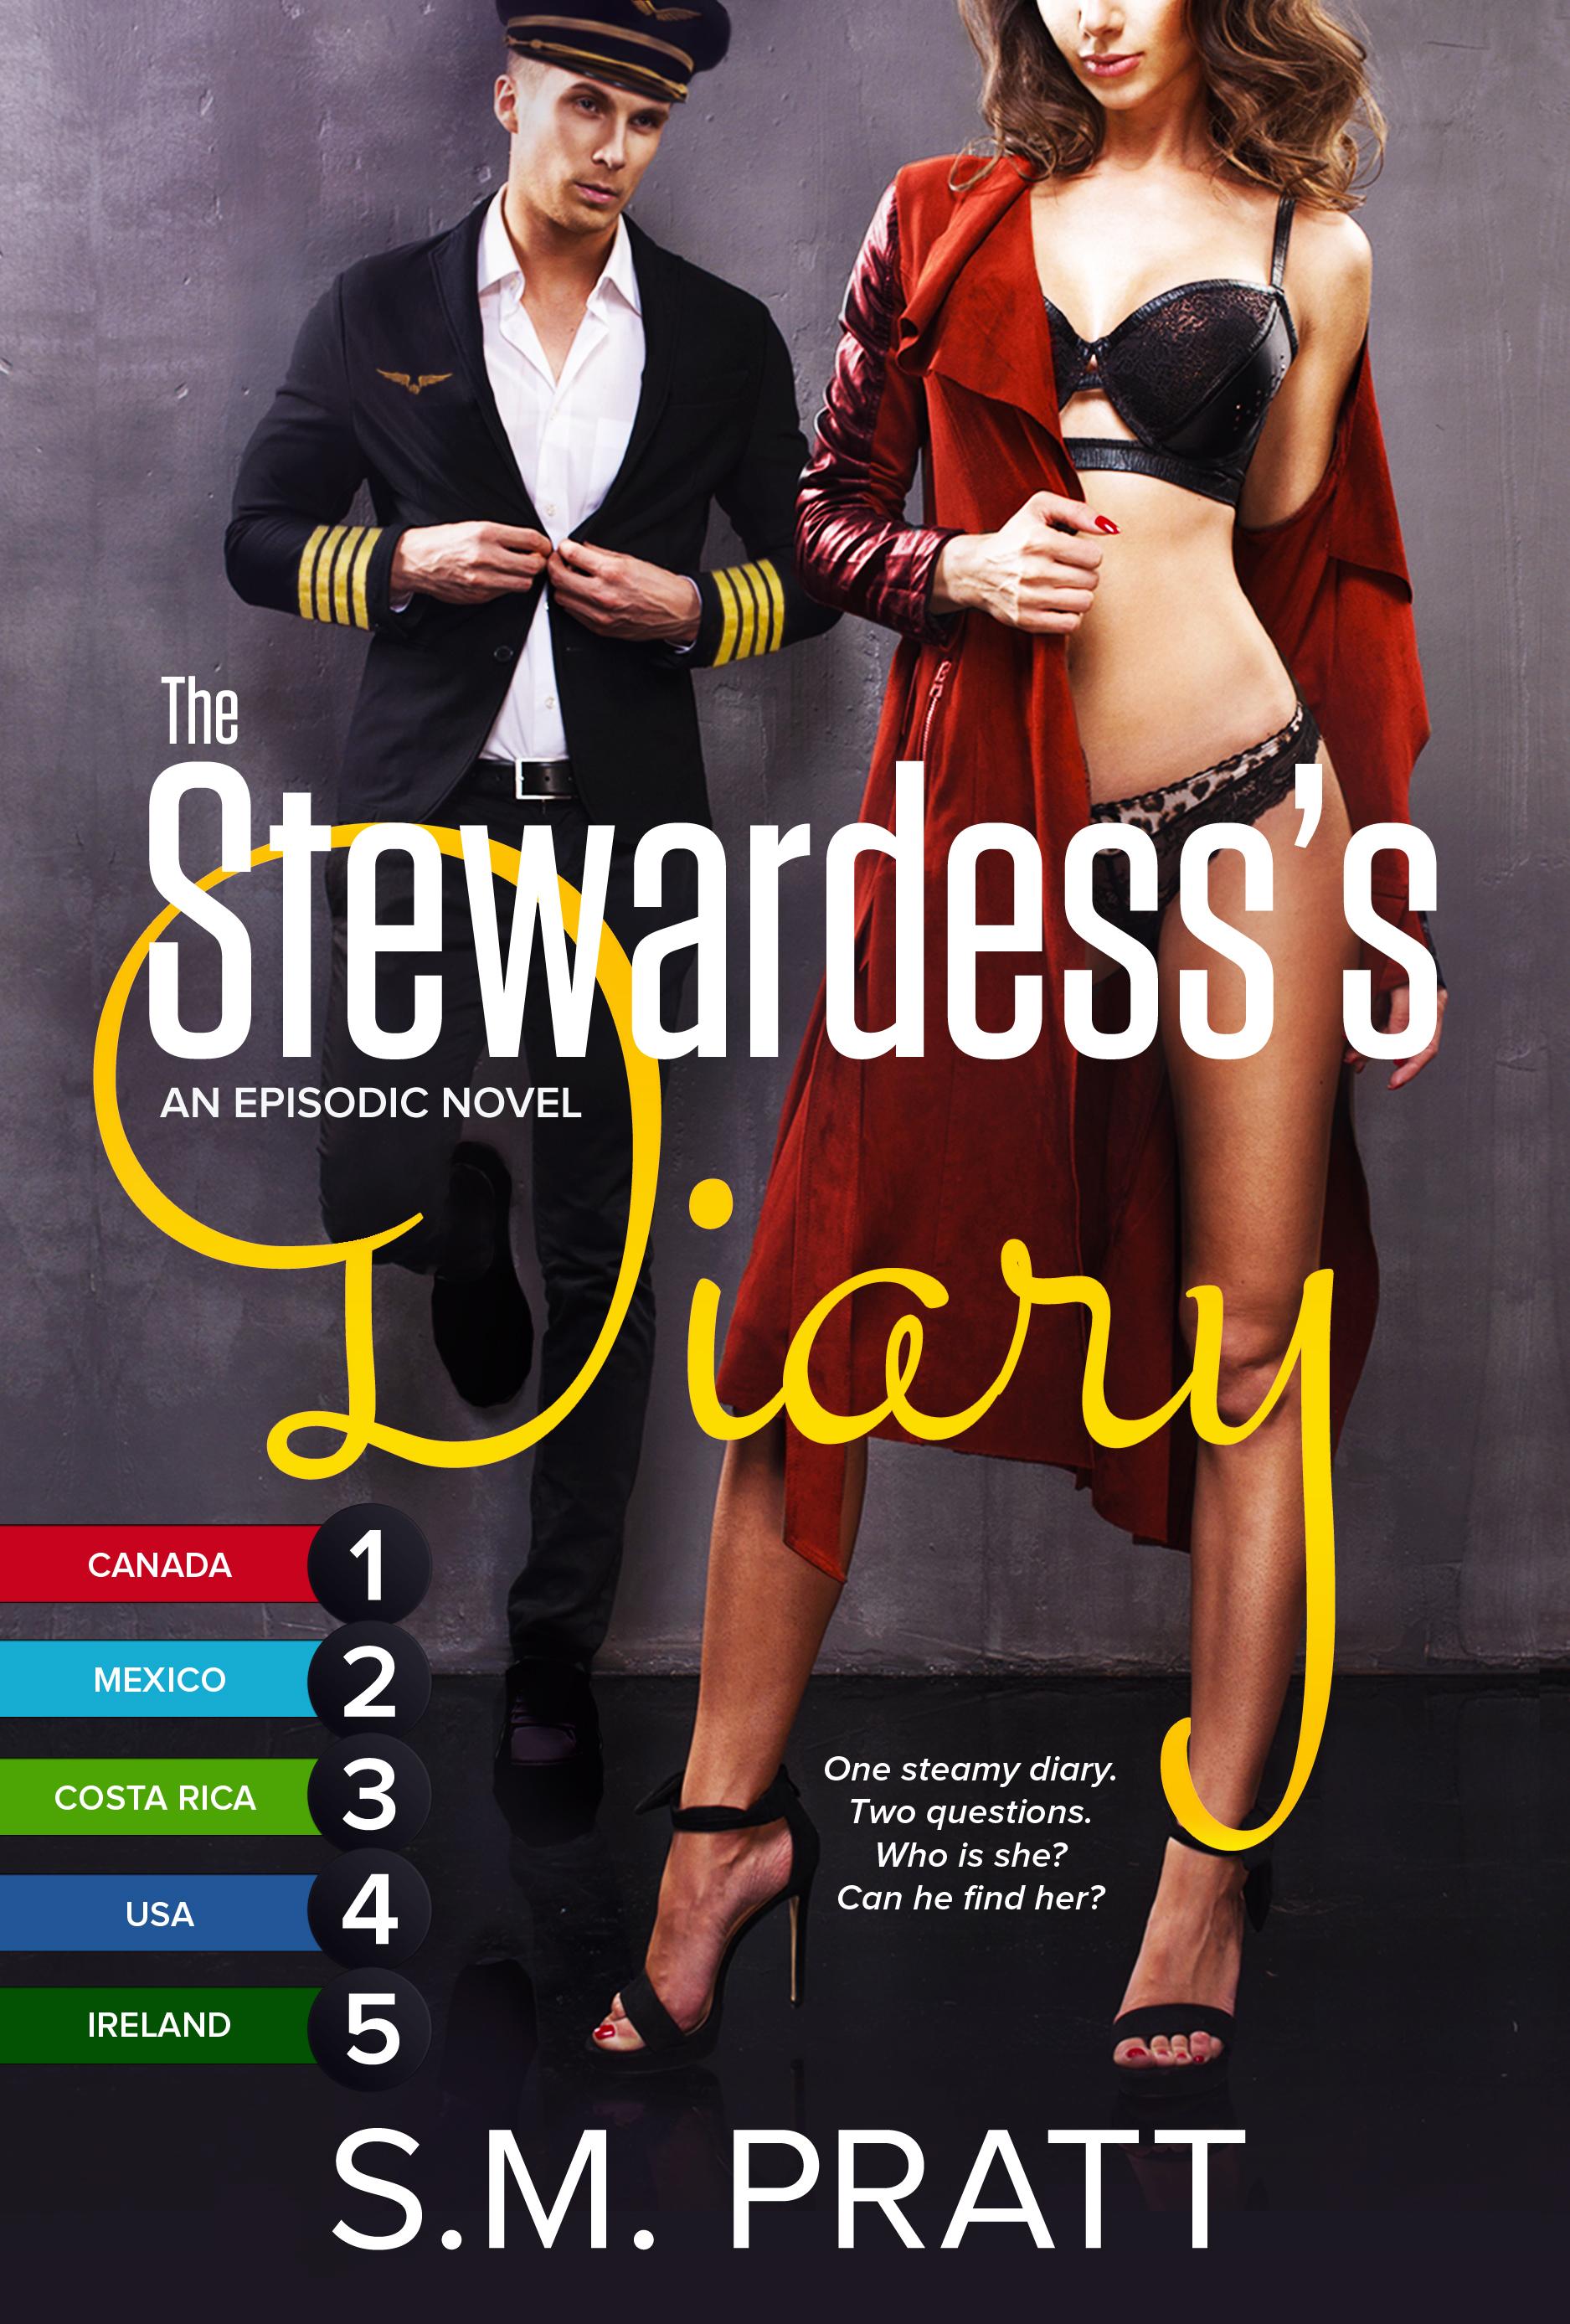 The Stewardess's Diary, Parts 1-5: Canada, Mexico, Costa Rica, USA, Ireland (The Stewardess's Diary Parts 1-5)